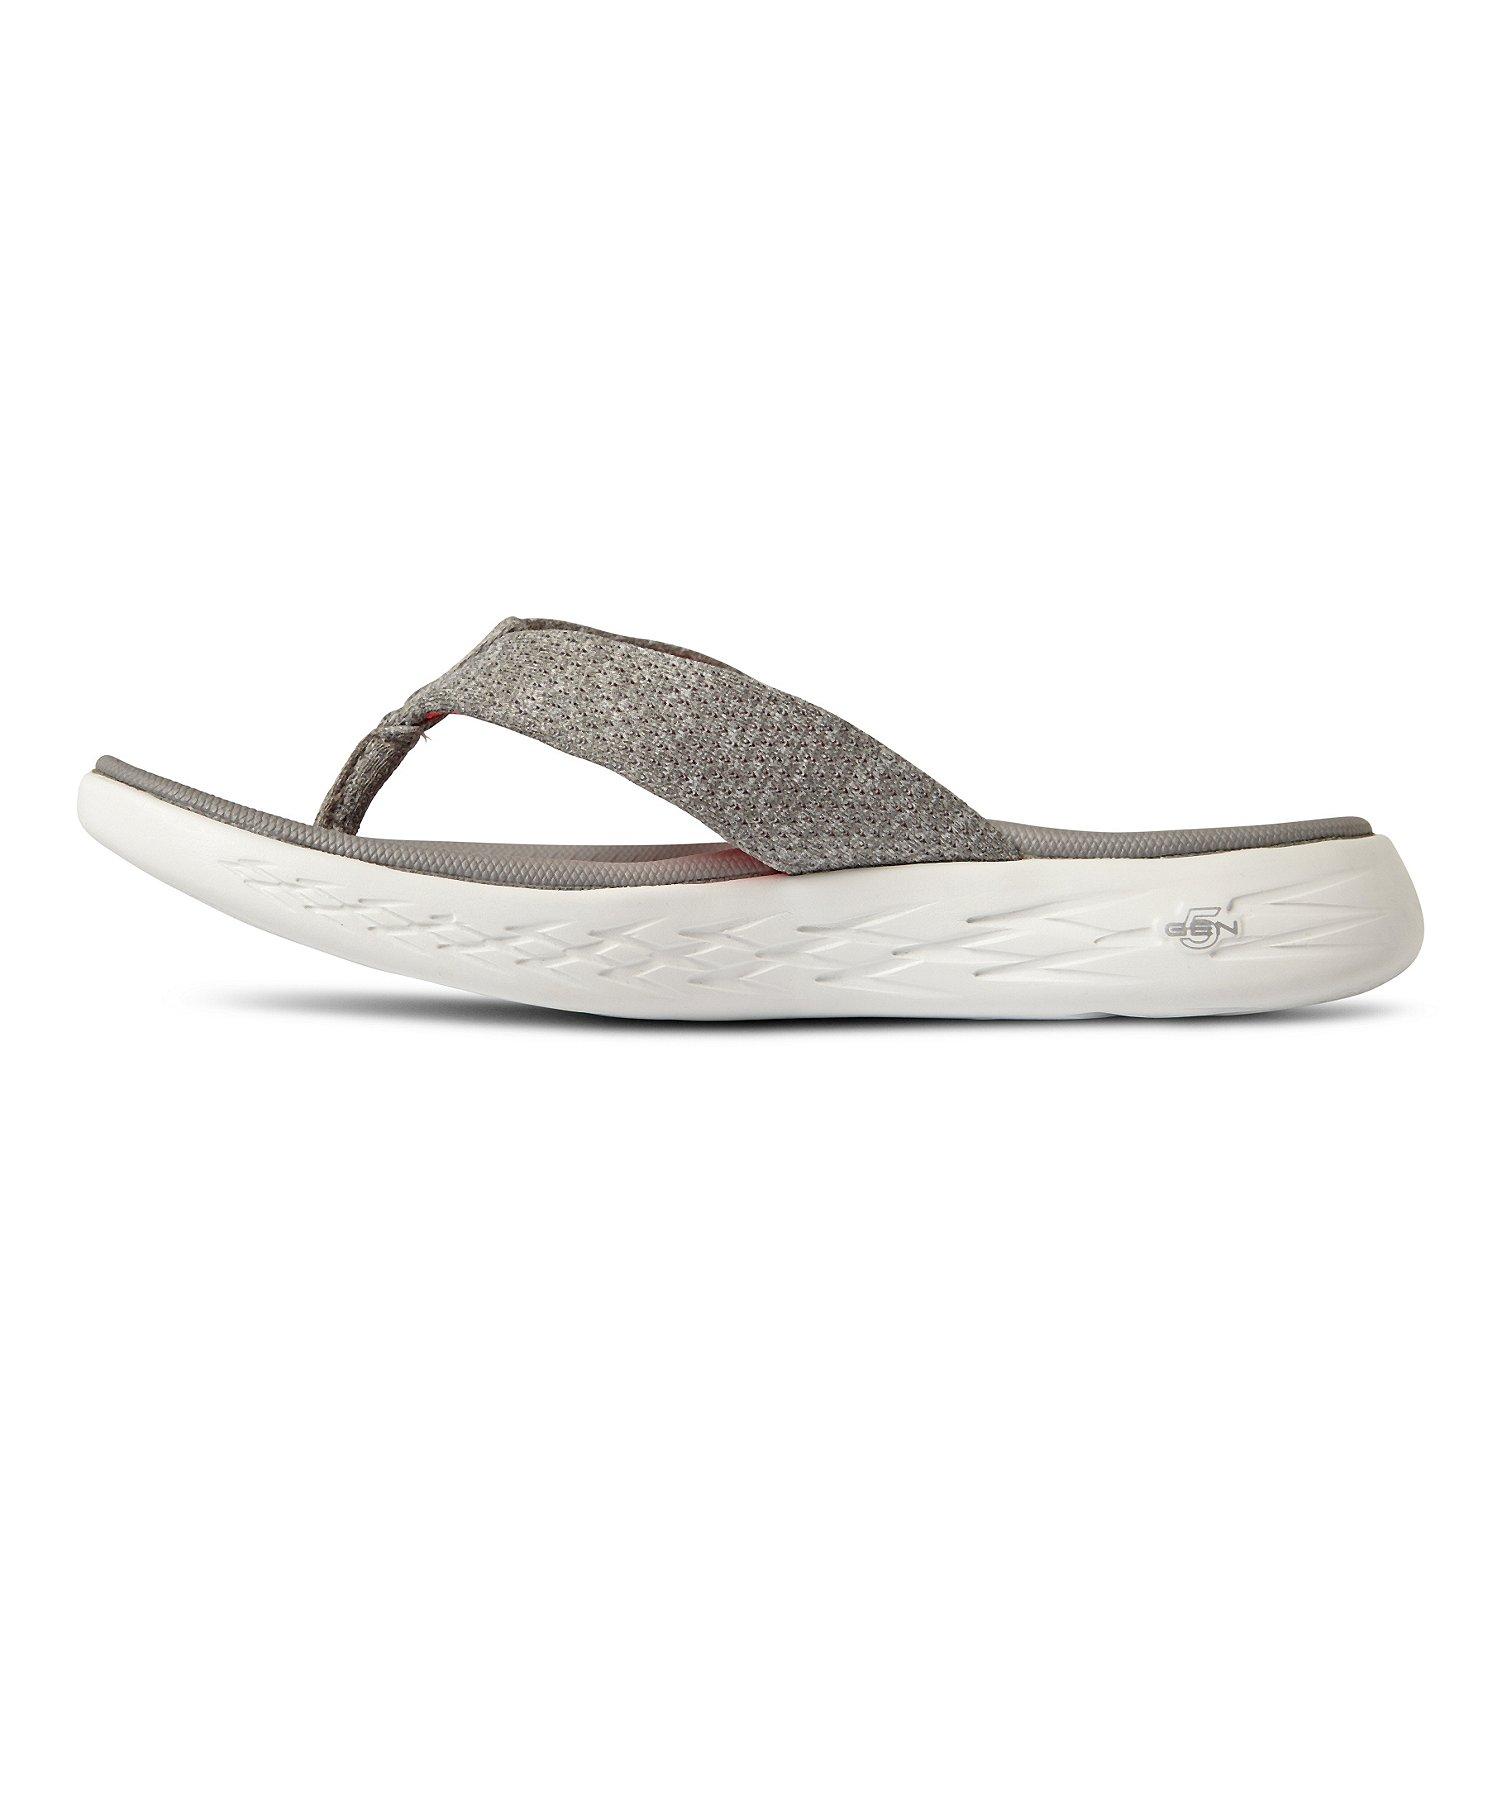 has has anywhere got skechers sandals for femmes on offer